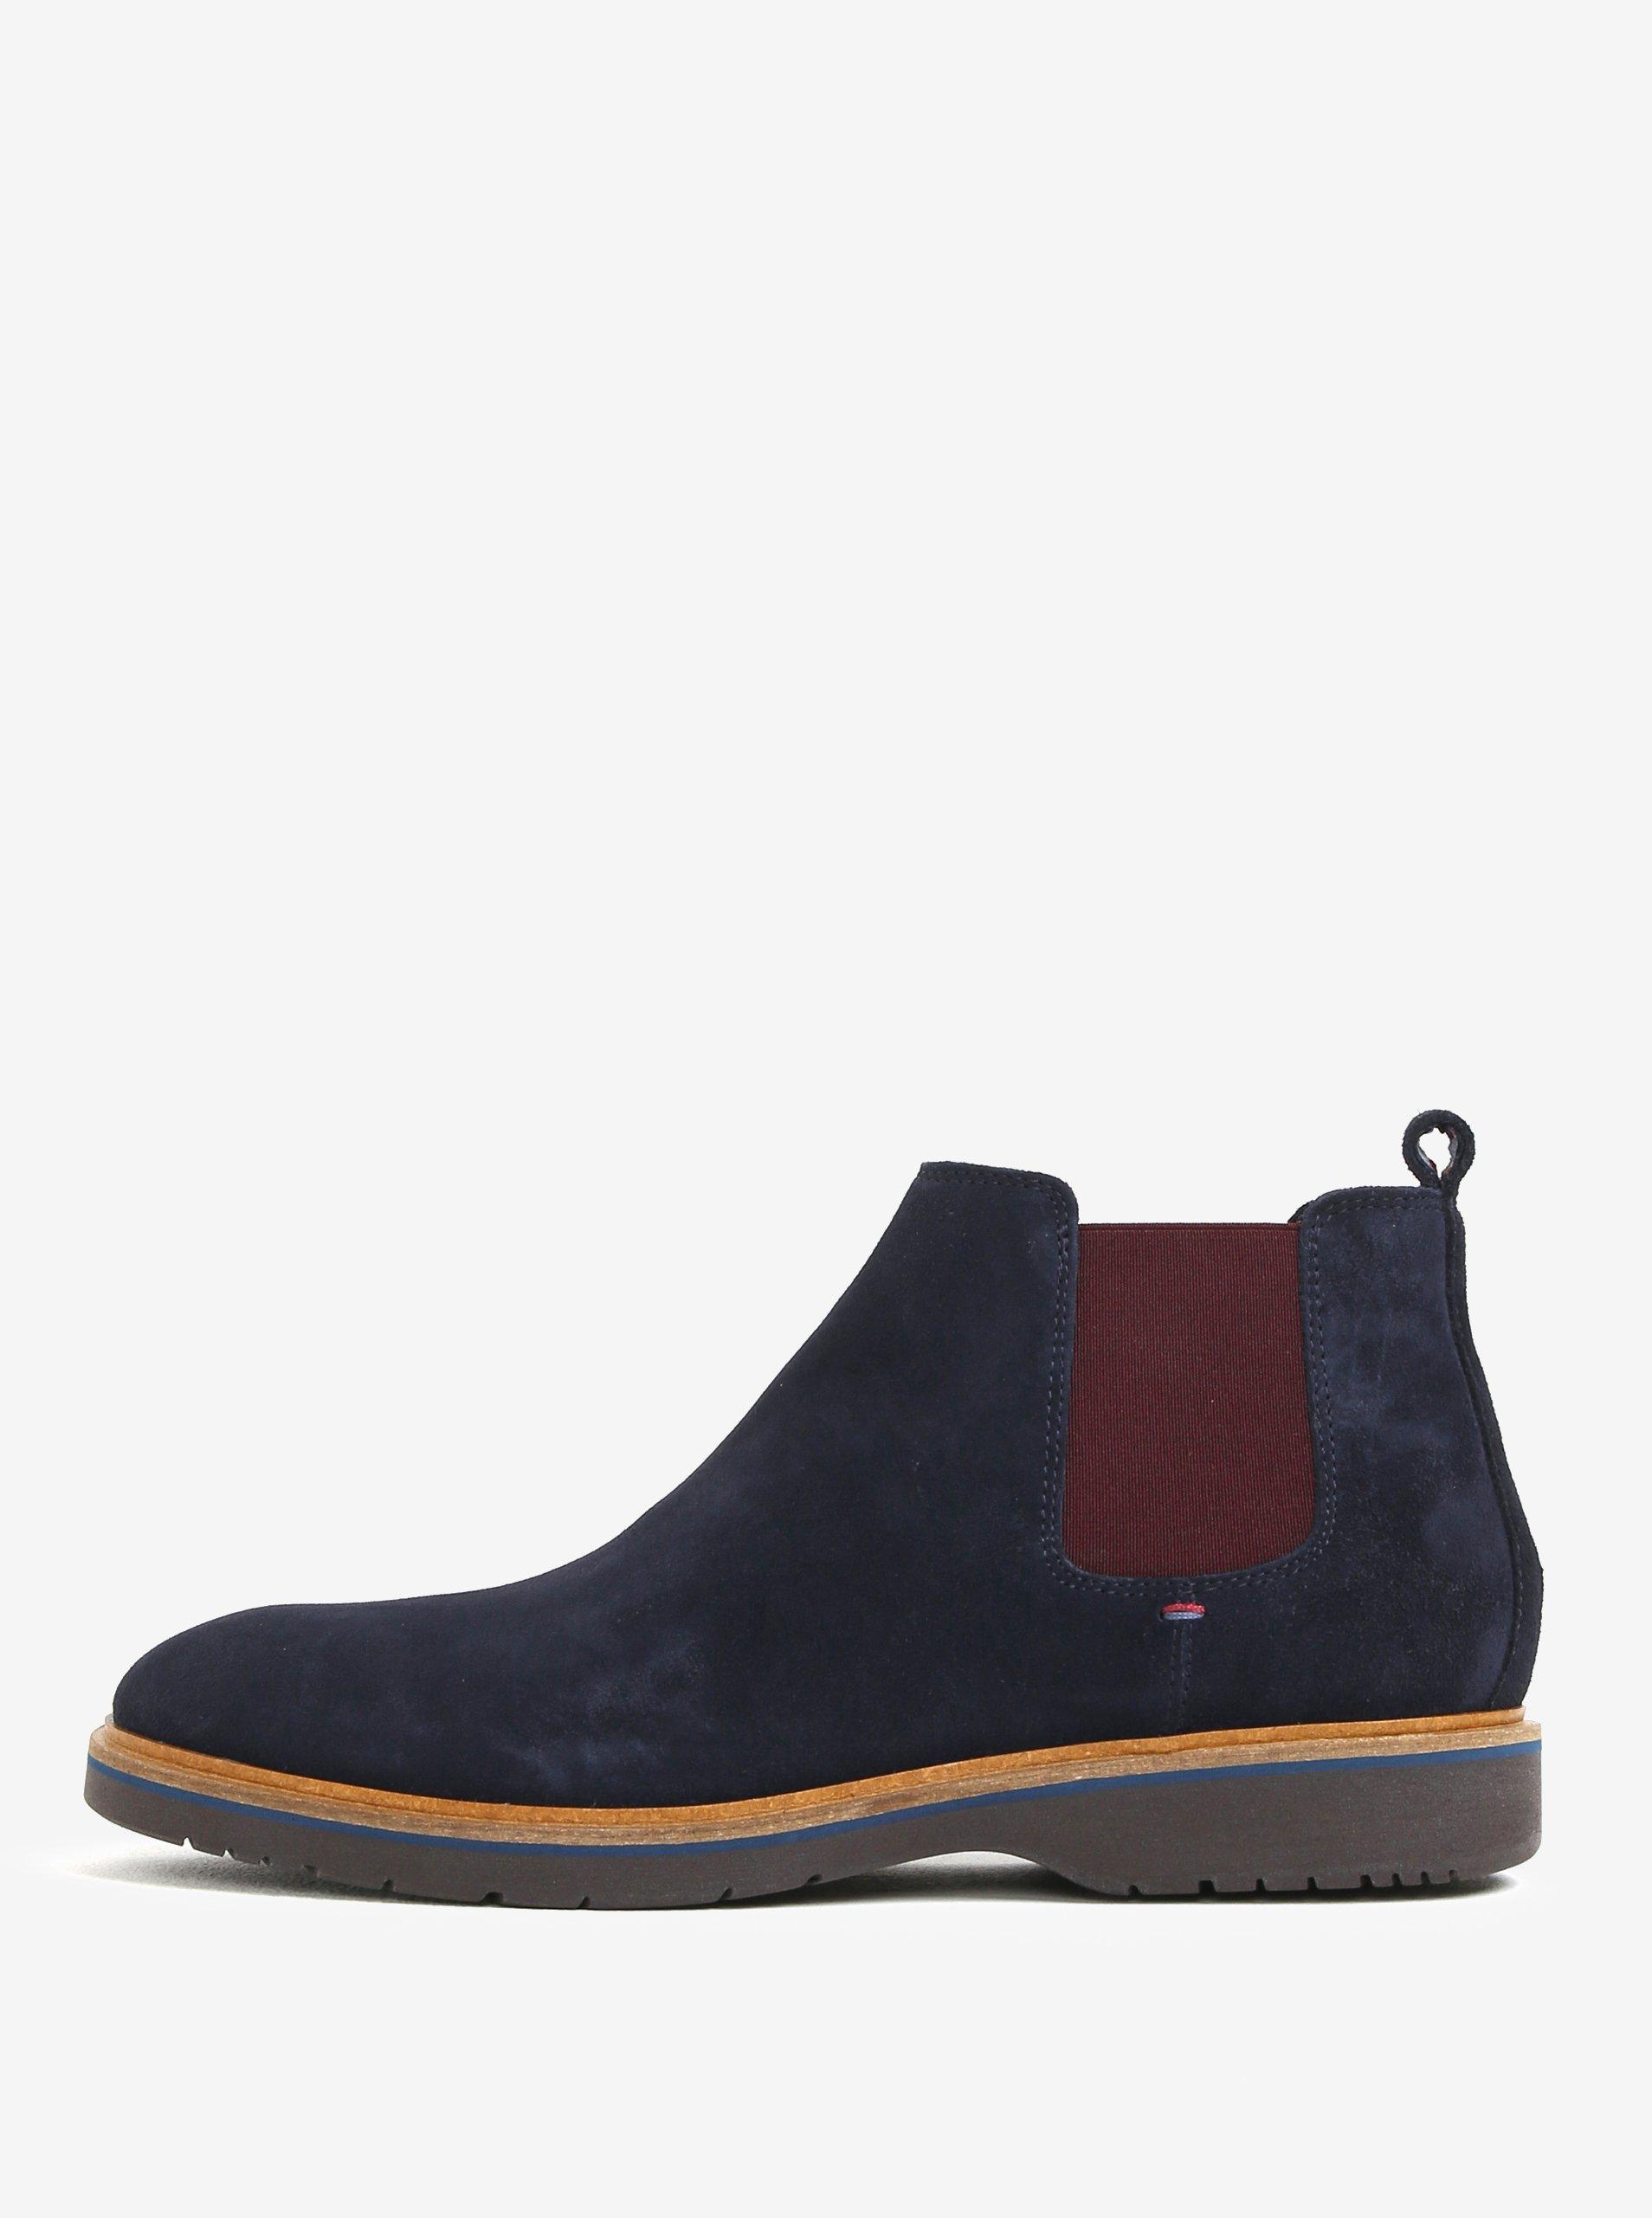 a8d4e3ea53 Tmavomodré pánske semišové chelsea topánky Tommy Hilfiger